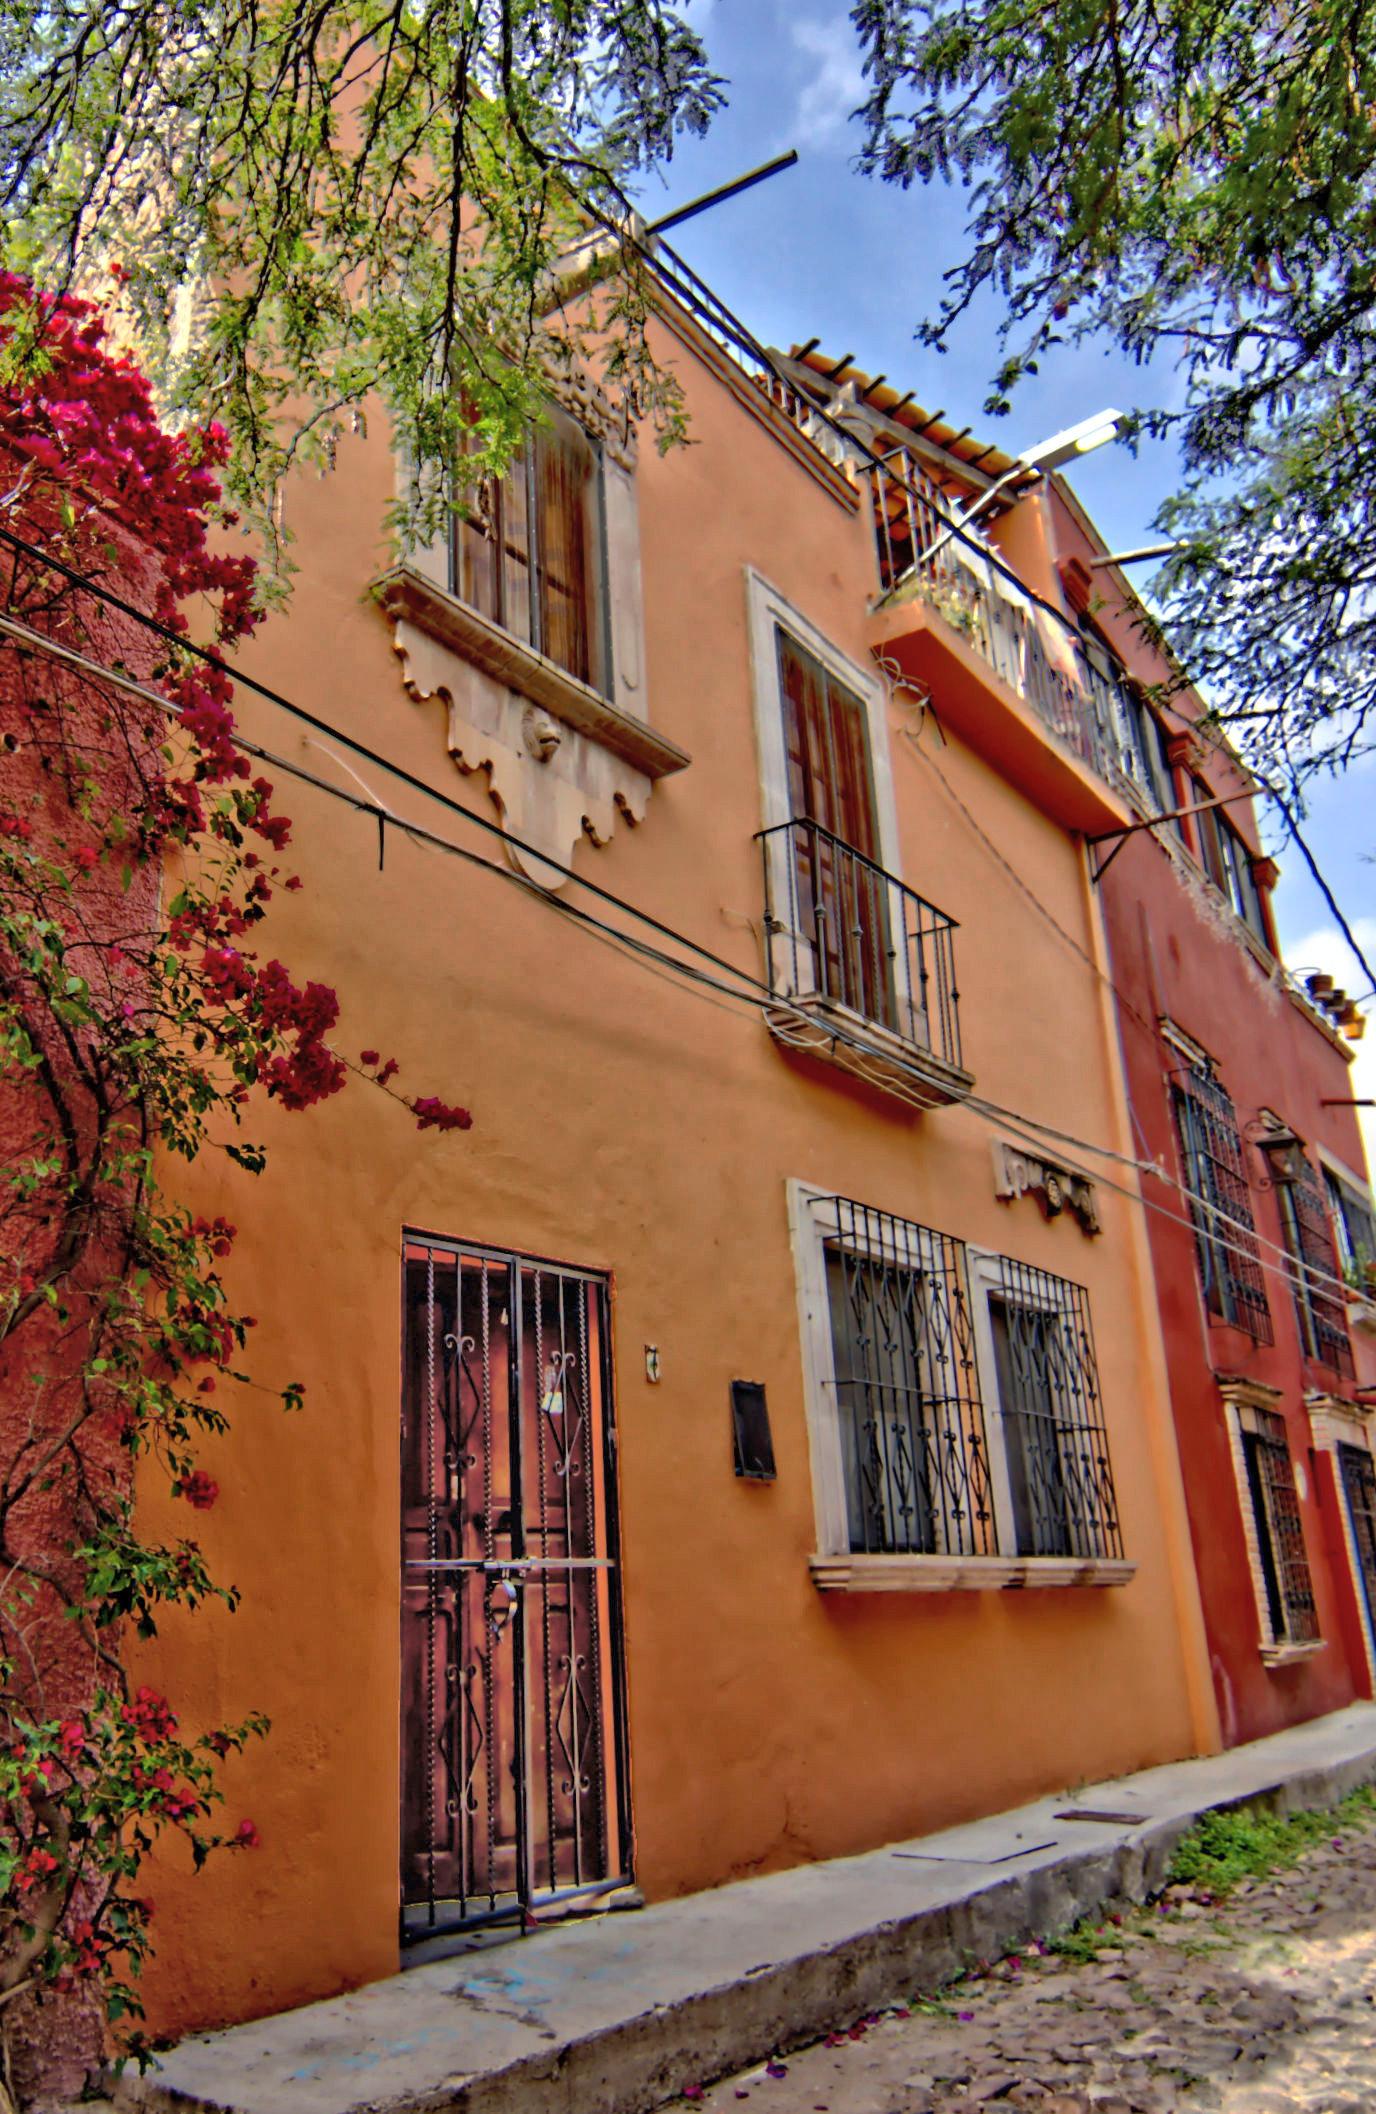 独户住宅 为 销售 在 CASA VERGEL San Antonio, San Miguel De Allende, Guanajuato 墨西哥